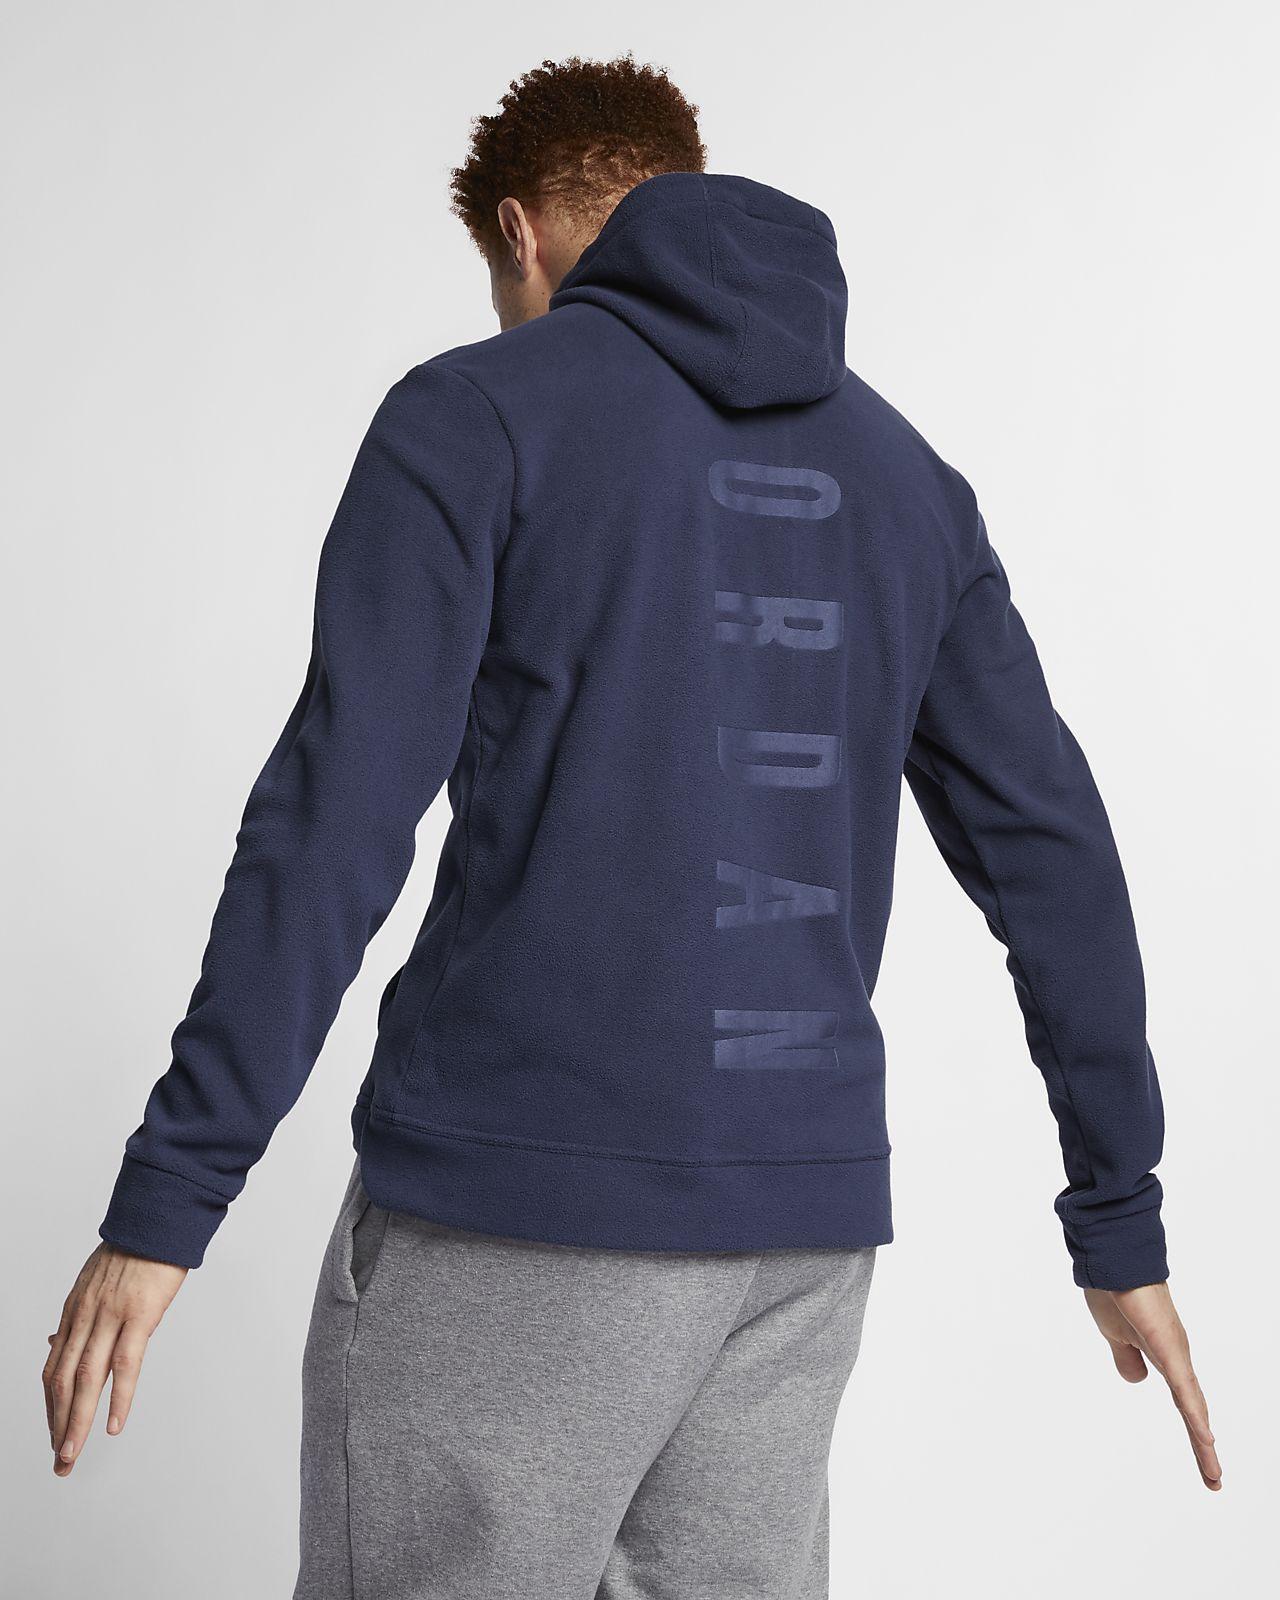 36a066ccf16965 Jordan Therma 23 Alpha Men s Full-Zip Training Hoodie. Nike.com CA